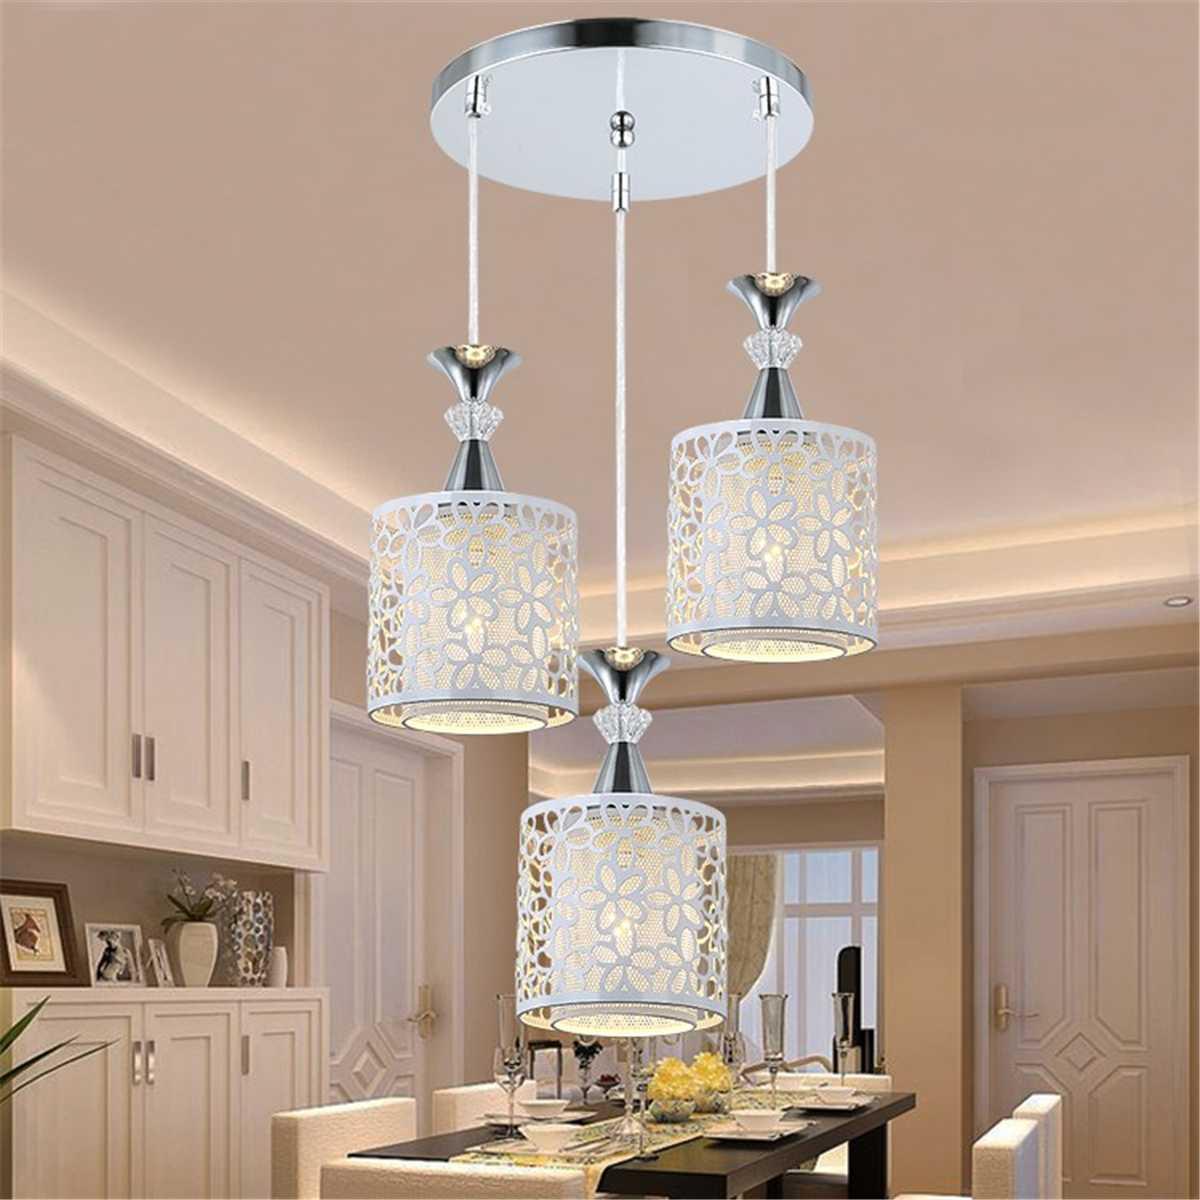 Modern Crystal Ceiling Lamps LED Lamps Living Room Dining Room Glass Ceiling lamp led lustre light Innrech Market.com